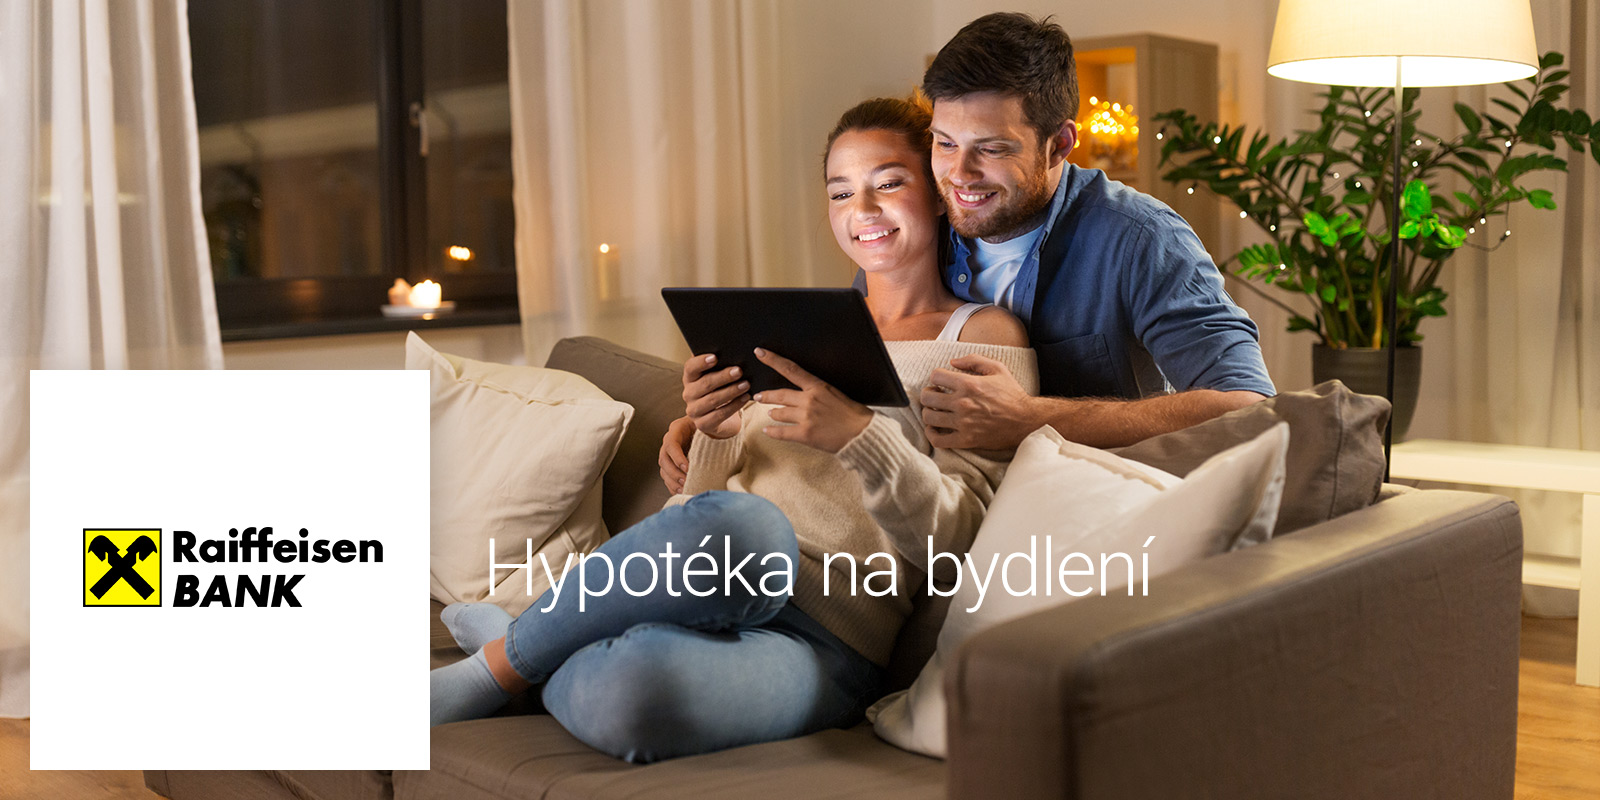 Raiffeisenbank – Hypotéka